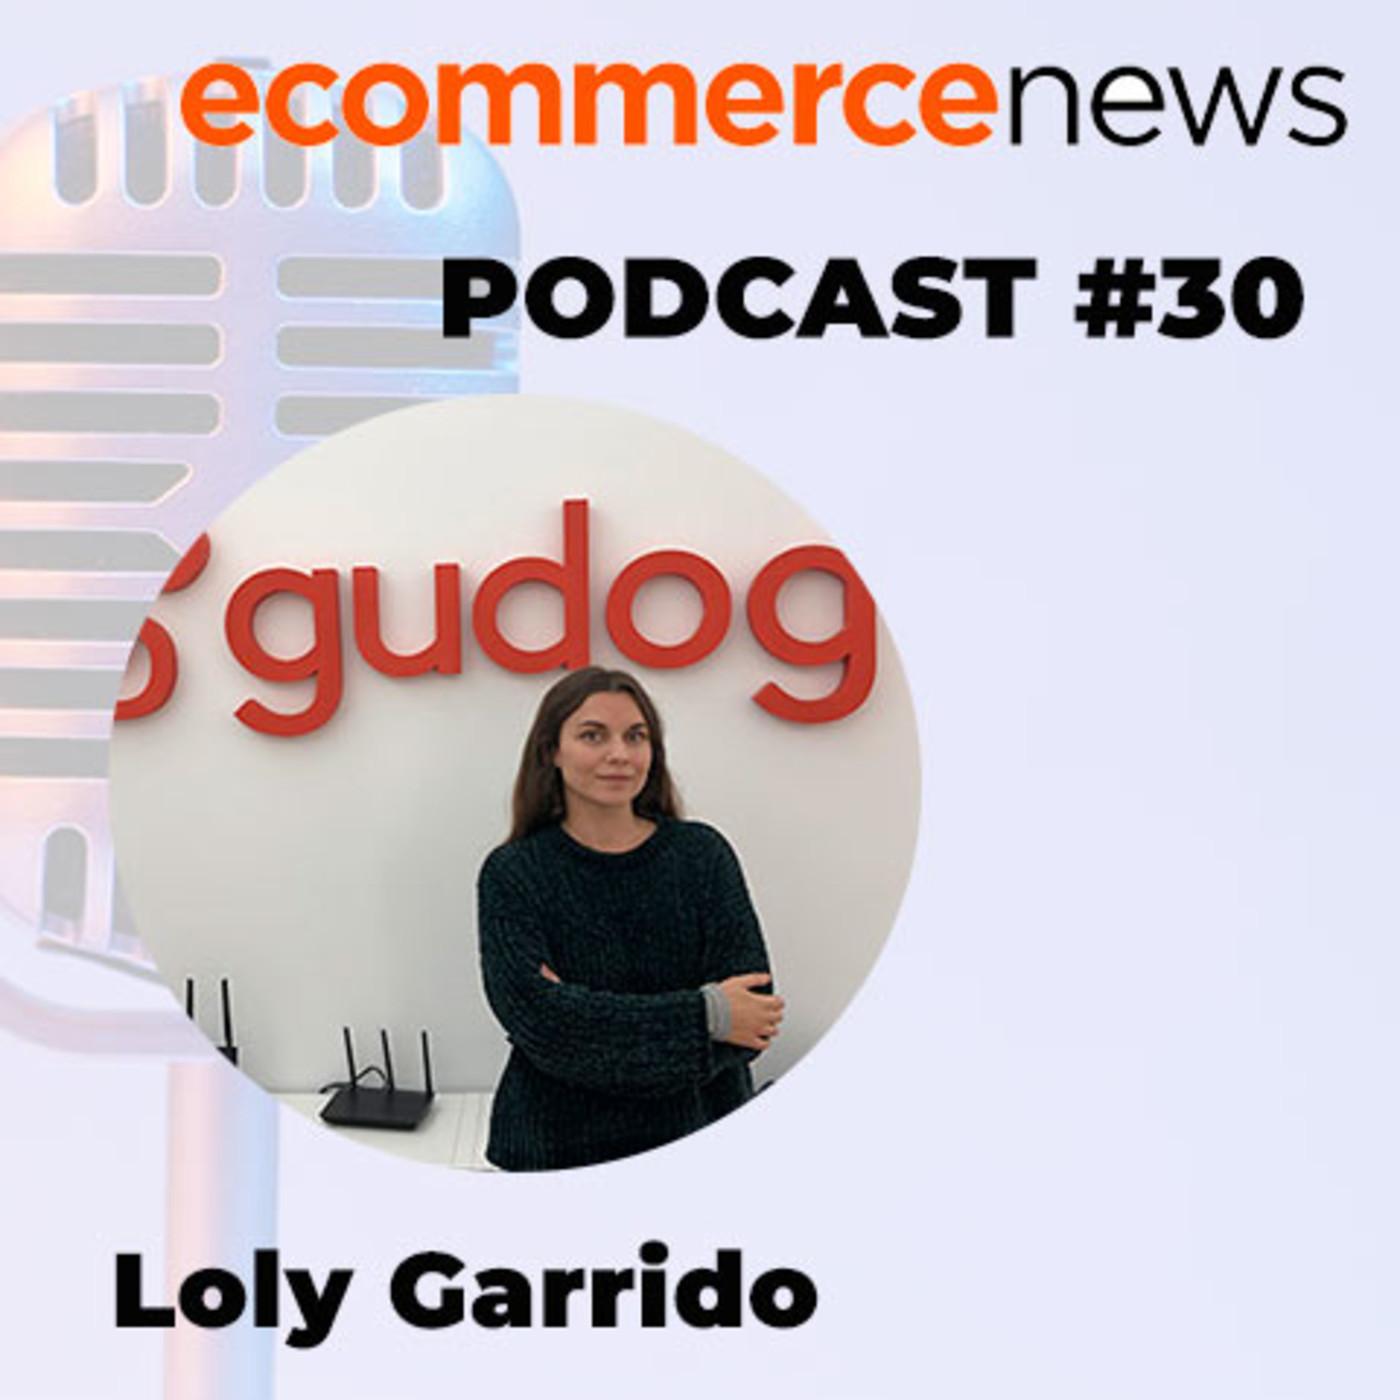 Ecommerce News Radio #30: Loly Garrido, Co-fundadora de Gudog.com, el AirBnB para perros